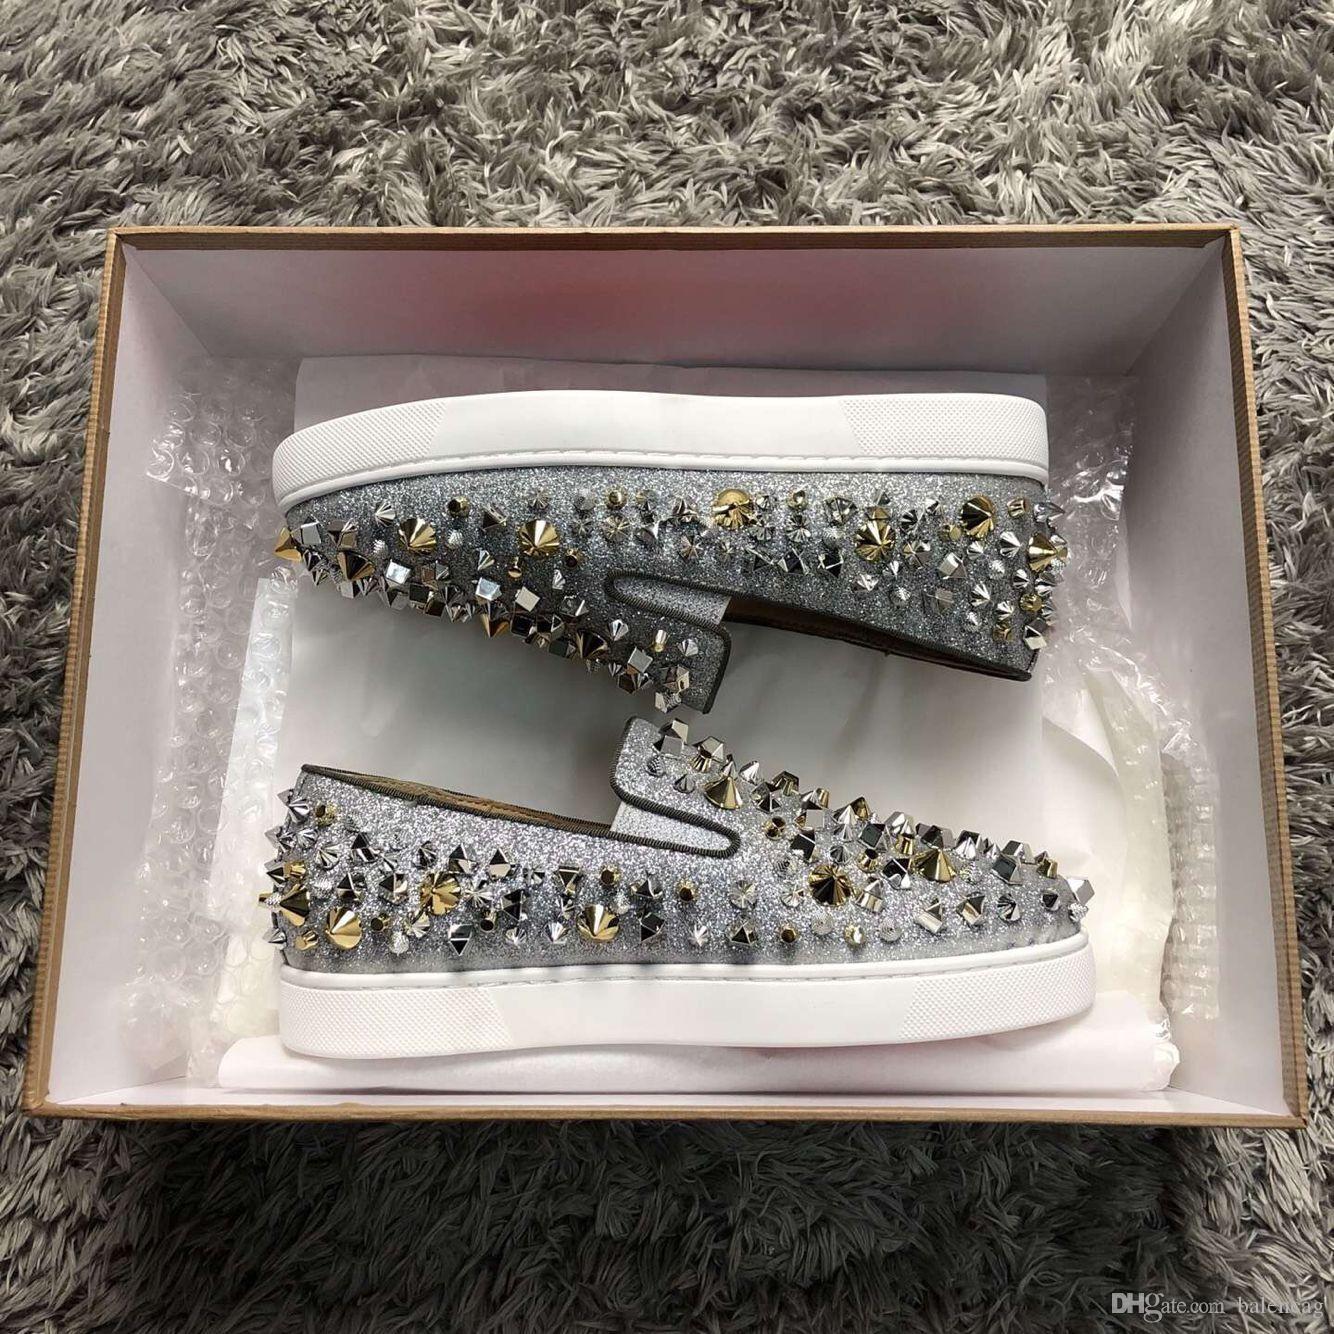 Sonbahar Açık Sneakers Düşük Ayakkabı Alt Strass Perçinler Mens Casual Oxfores Geçmeli Ayakkabı Yüksek Kalite loafer'lar Ayakkabı Parti Gelinlik Kırmızı